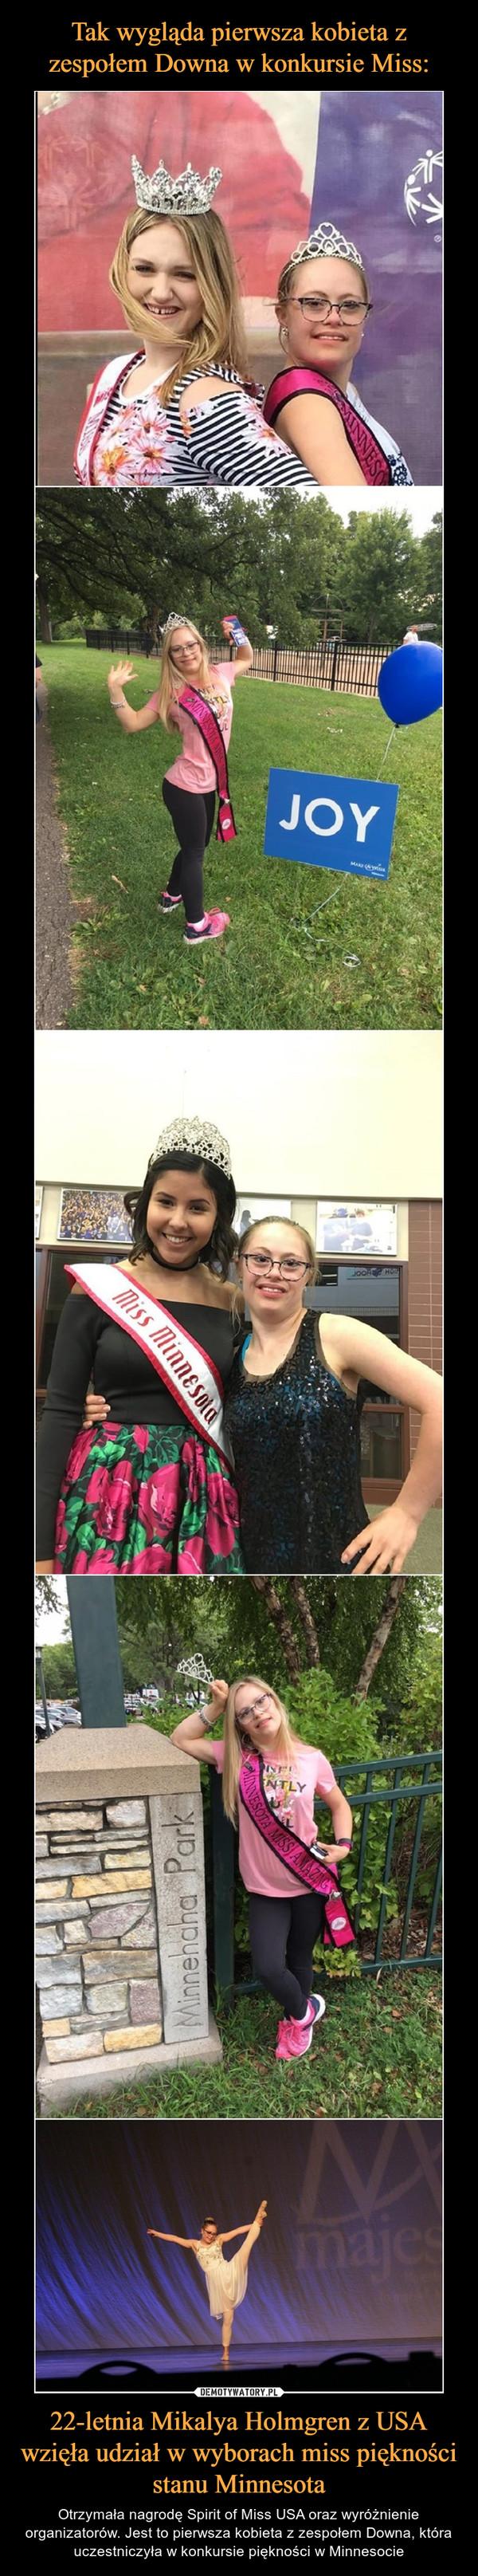 22-letnia Mikalya Holmgren z USA wzięła udział w wyborach miss piękności stanu Minnesota – Otrzymała nagrodę Spirit of Miss USA oraz wyróżnienie organizatorów. Jest to pierwsza kobieta z zespołem Downa, która uczestniczyła w konkursie piękności w Minnesocie